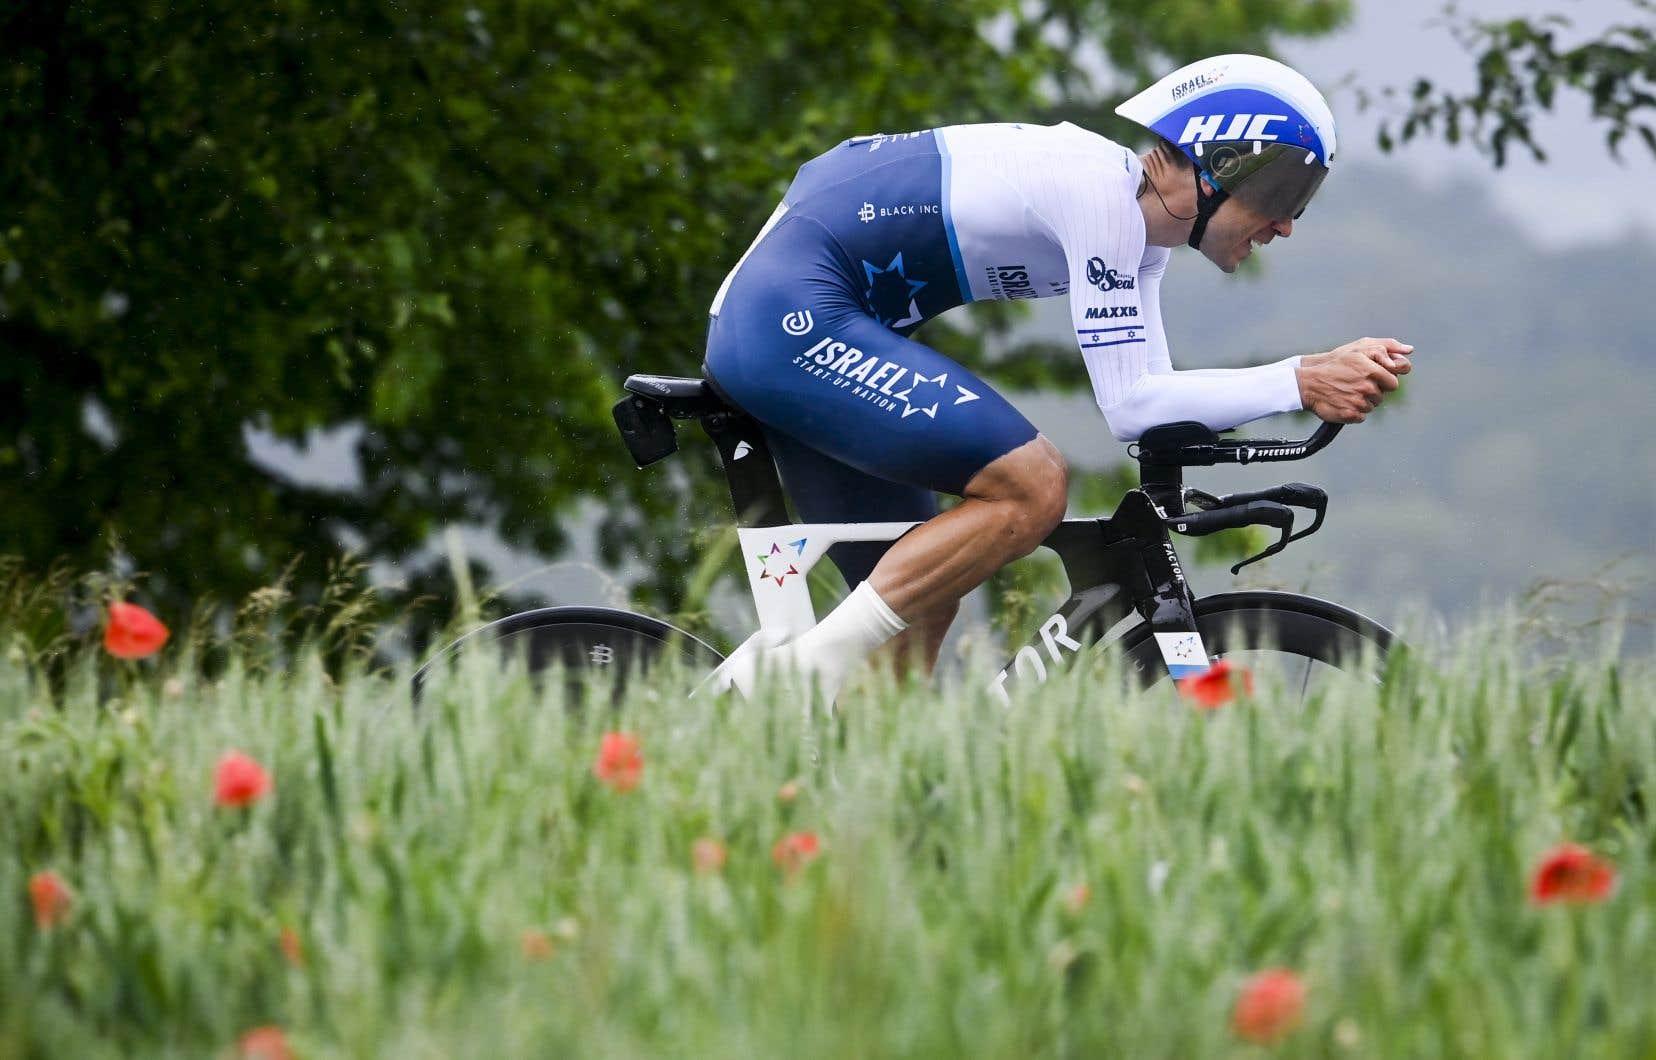 Le cycliste québécois Guillaume Boivin vient tout juste de compléter sa première Grande Boucle en carrière.